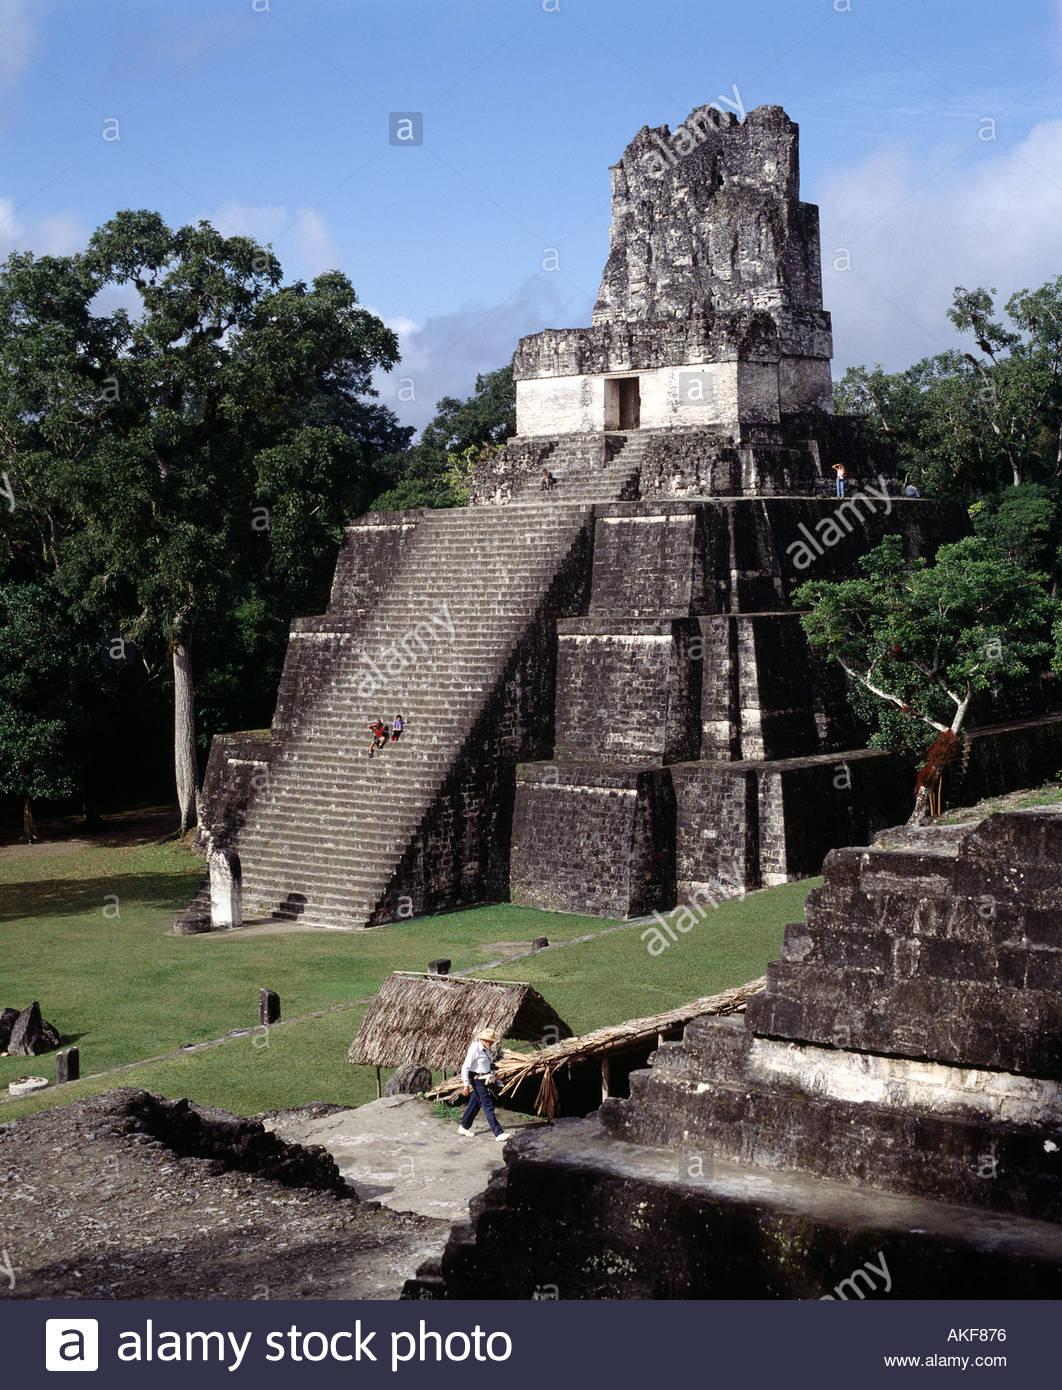 Peten, Tikal Mayan Ruins - Stock Image